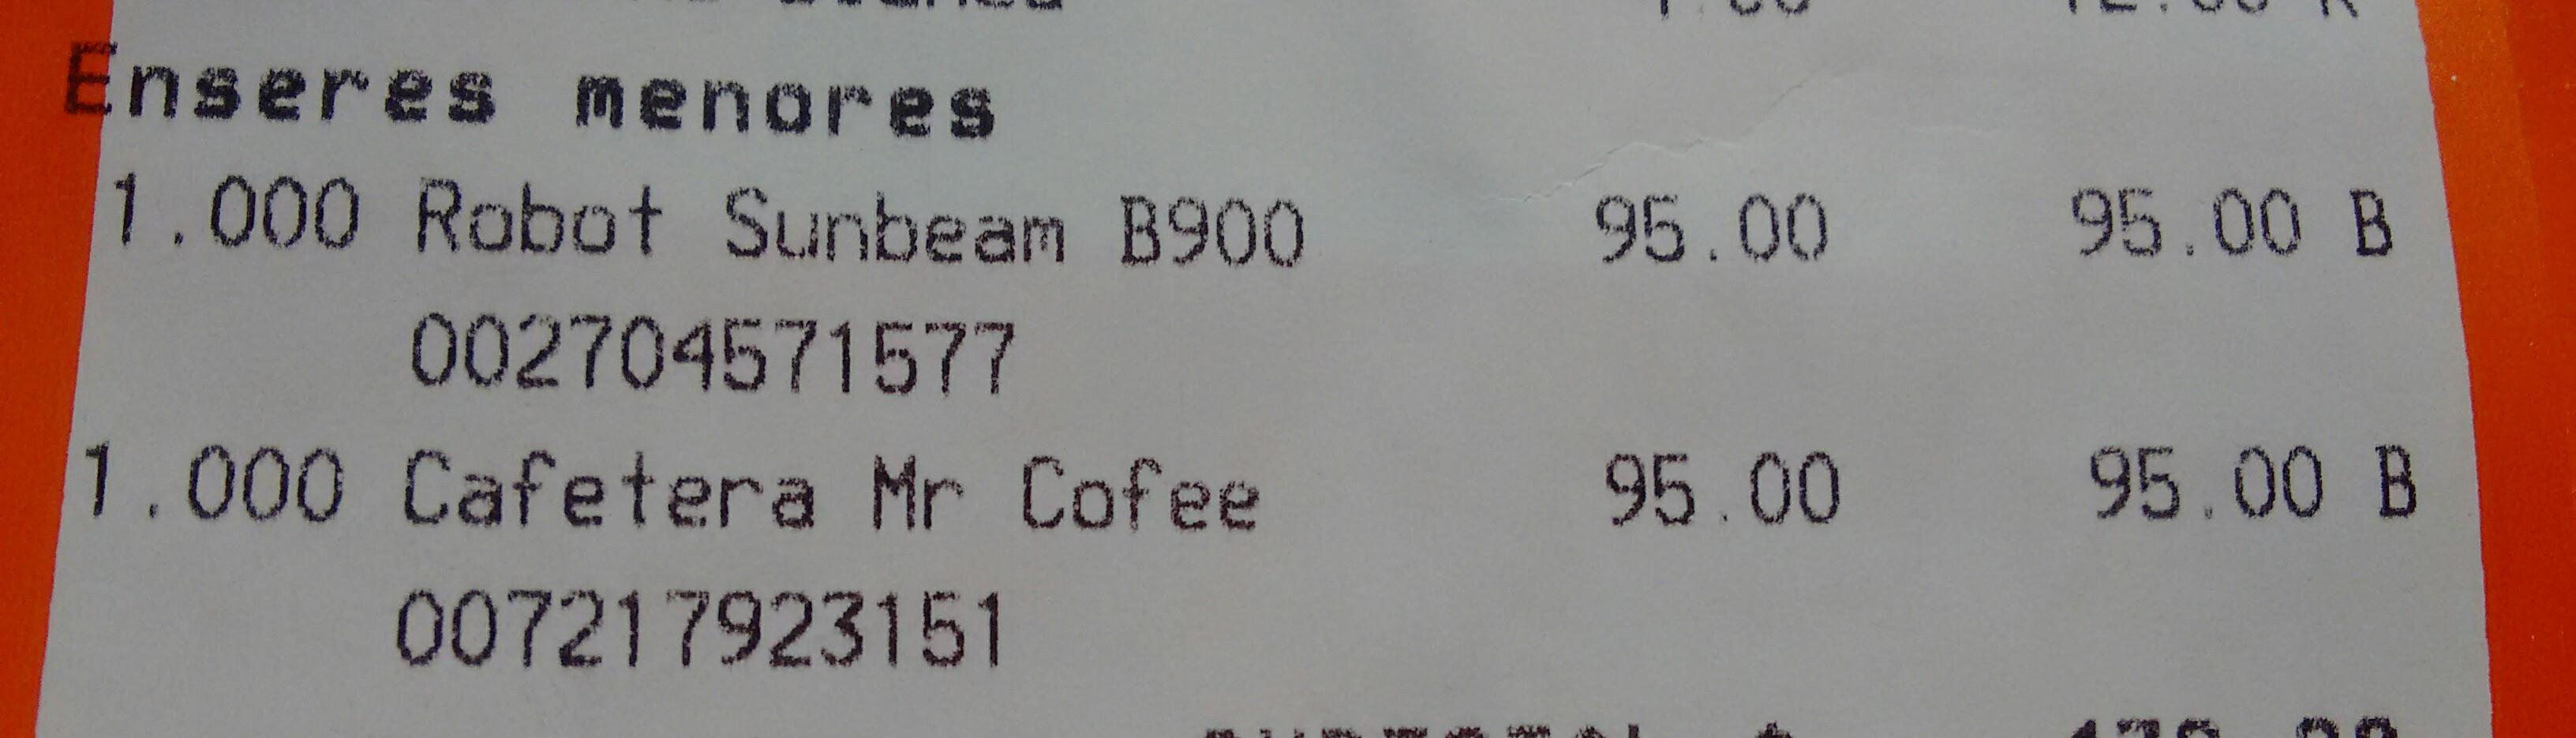 86230.jpg